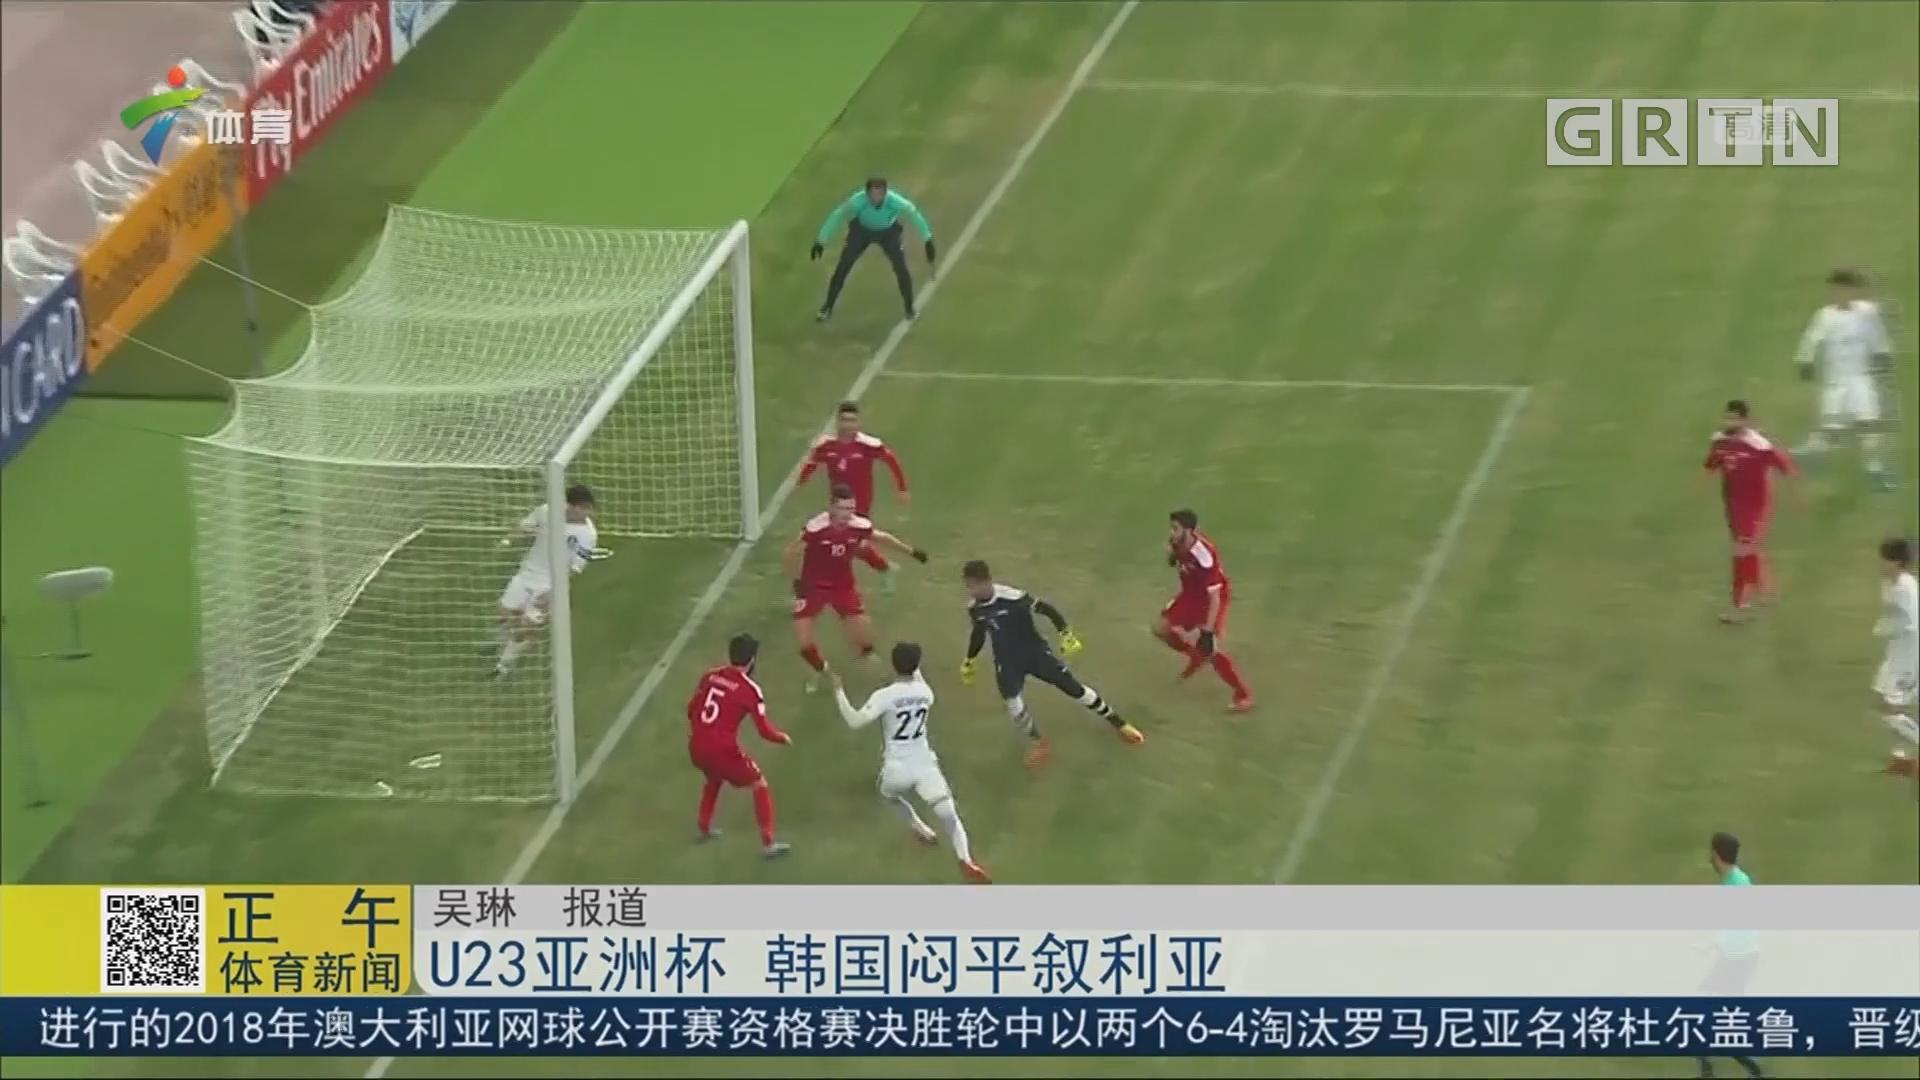 U23亚洲杯 韩国闷平叙利亚